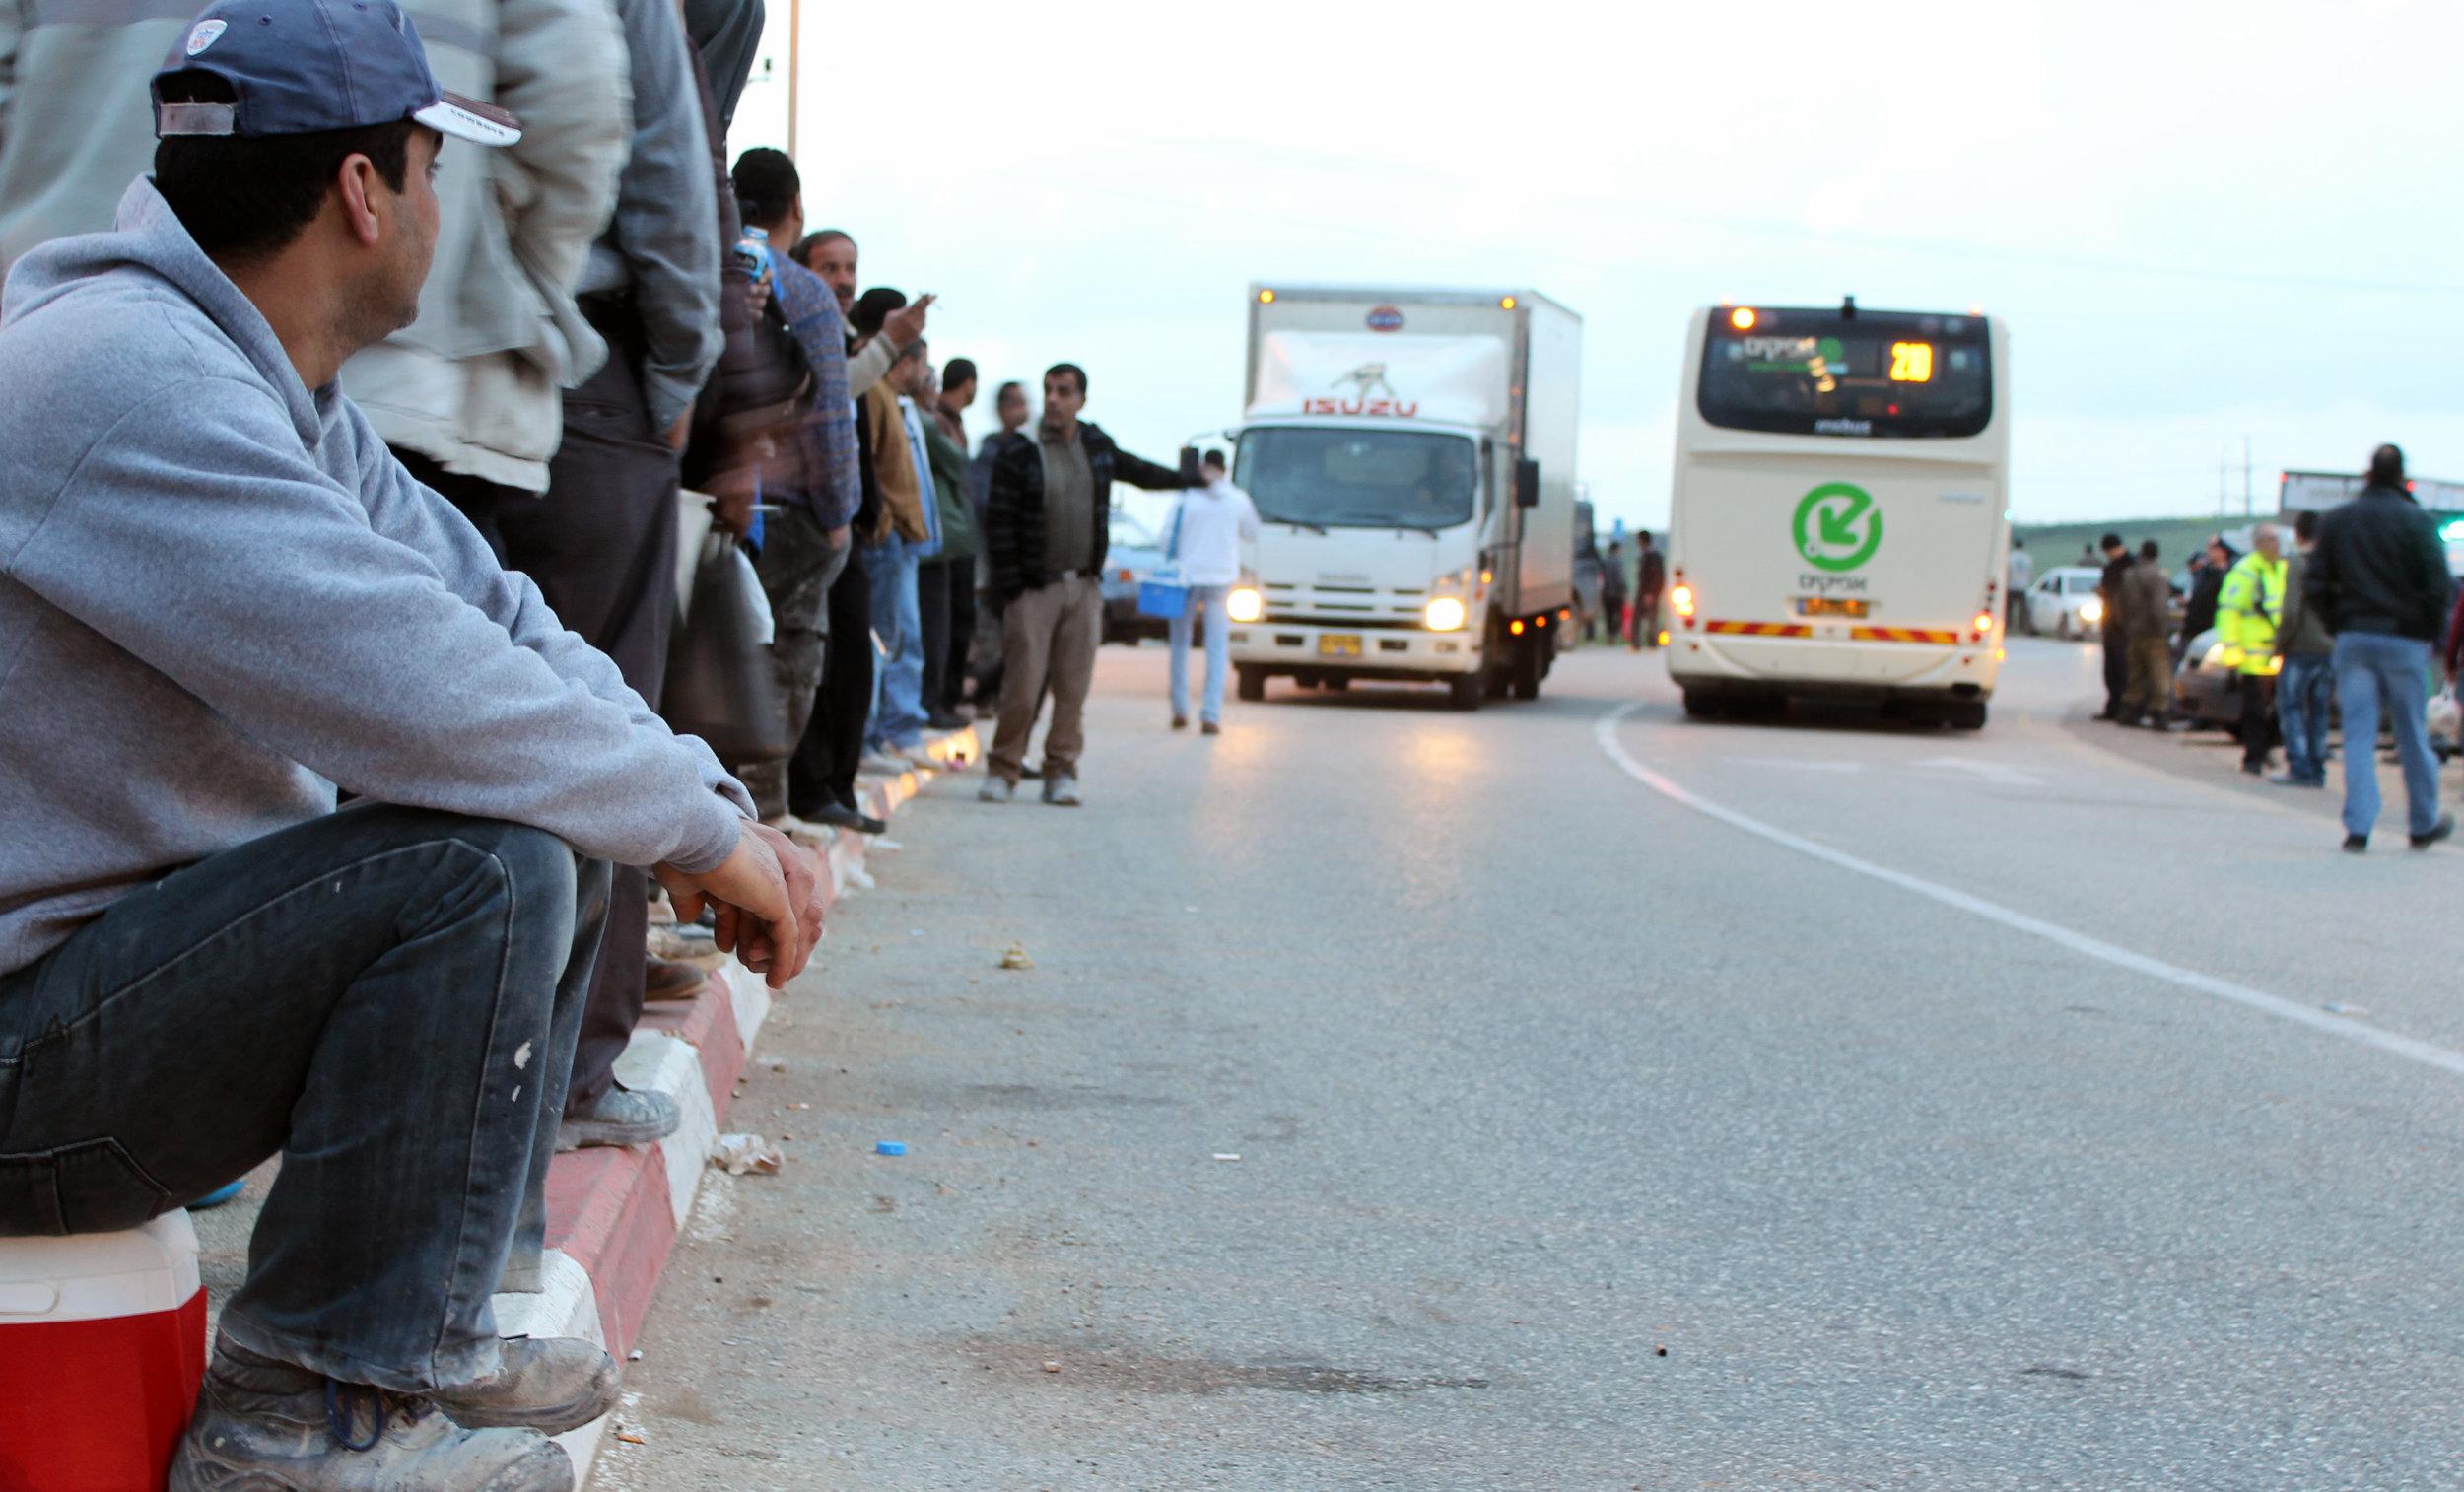 20130305 - Palestinian worker wait for bus.jpg